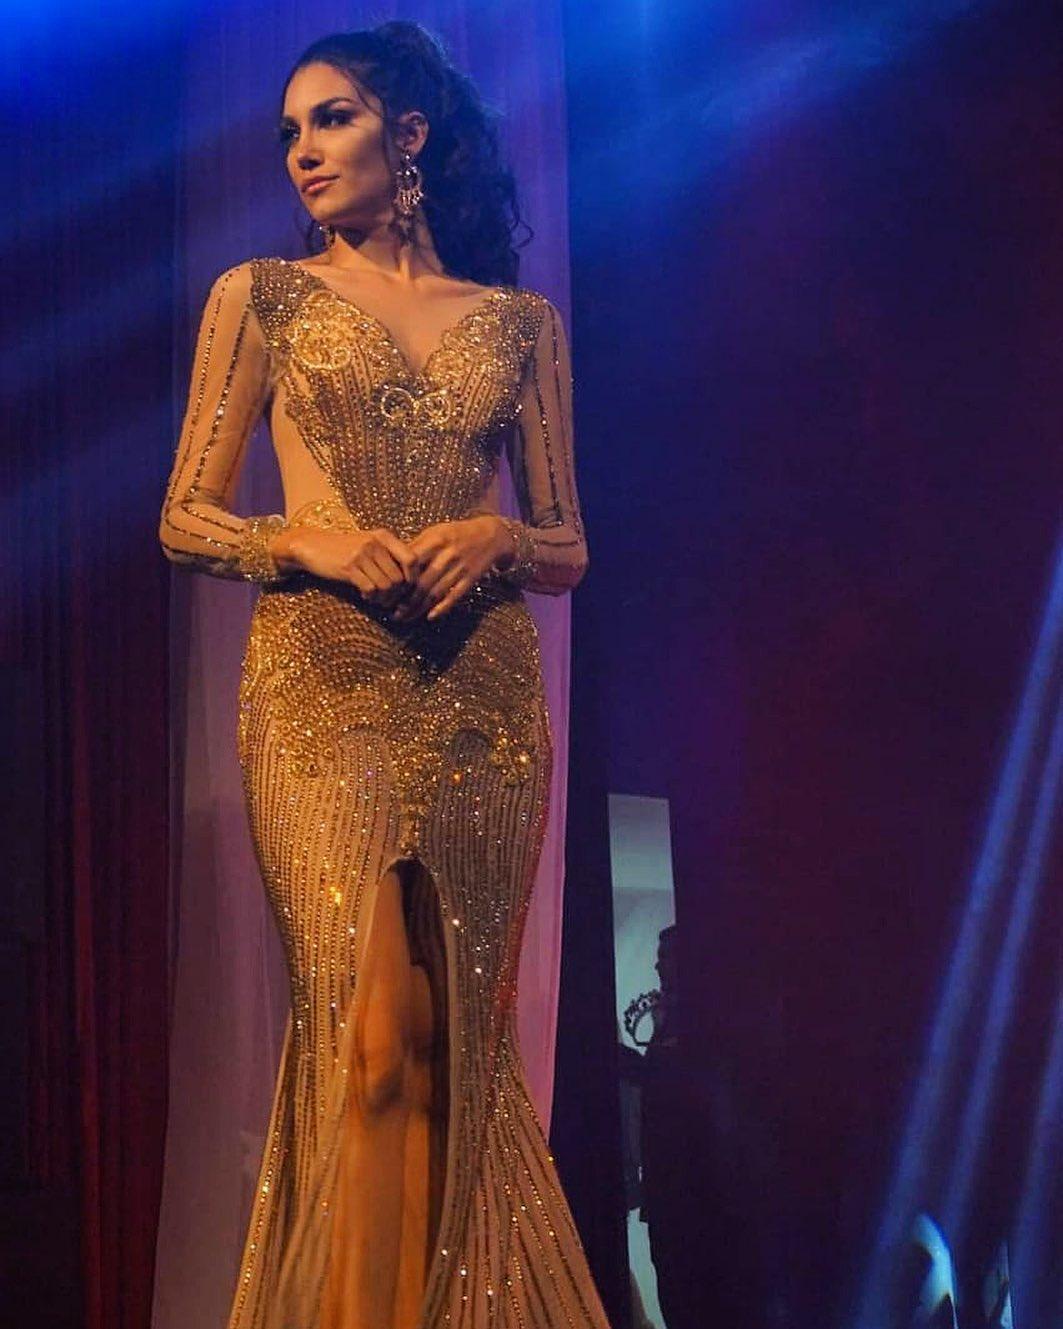 georgina vargas, candidata a miss mexico 2020, representando coahuila. - Página 4 84499210